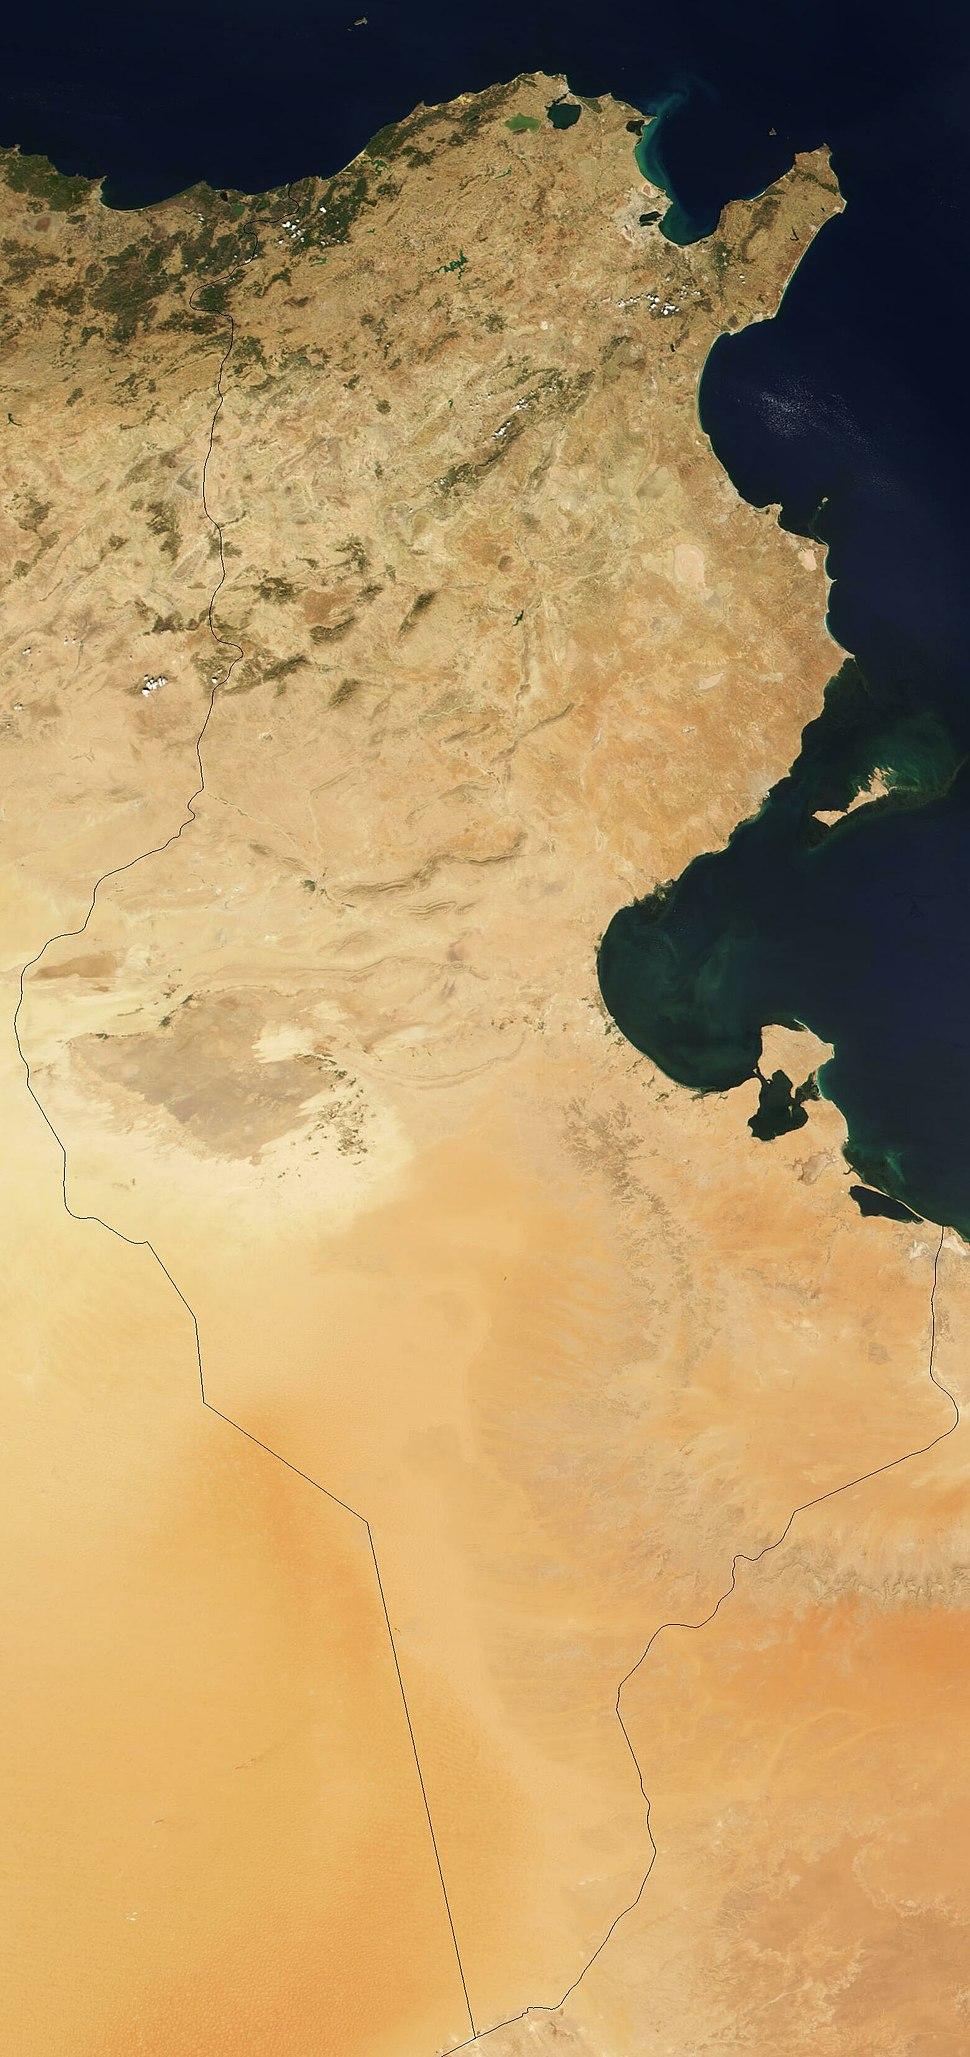 Satellite image of Tunisia in August 2001